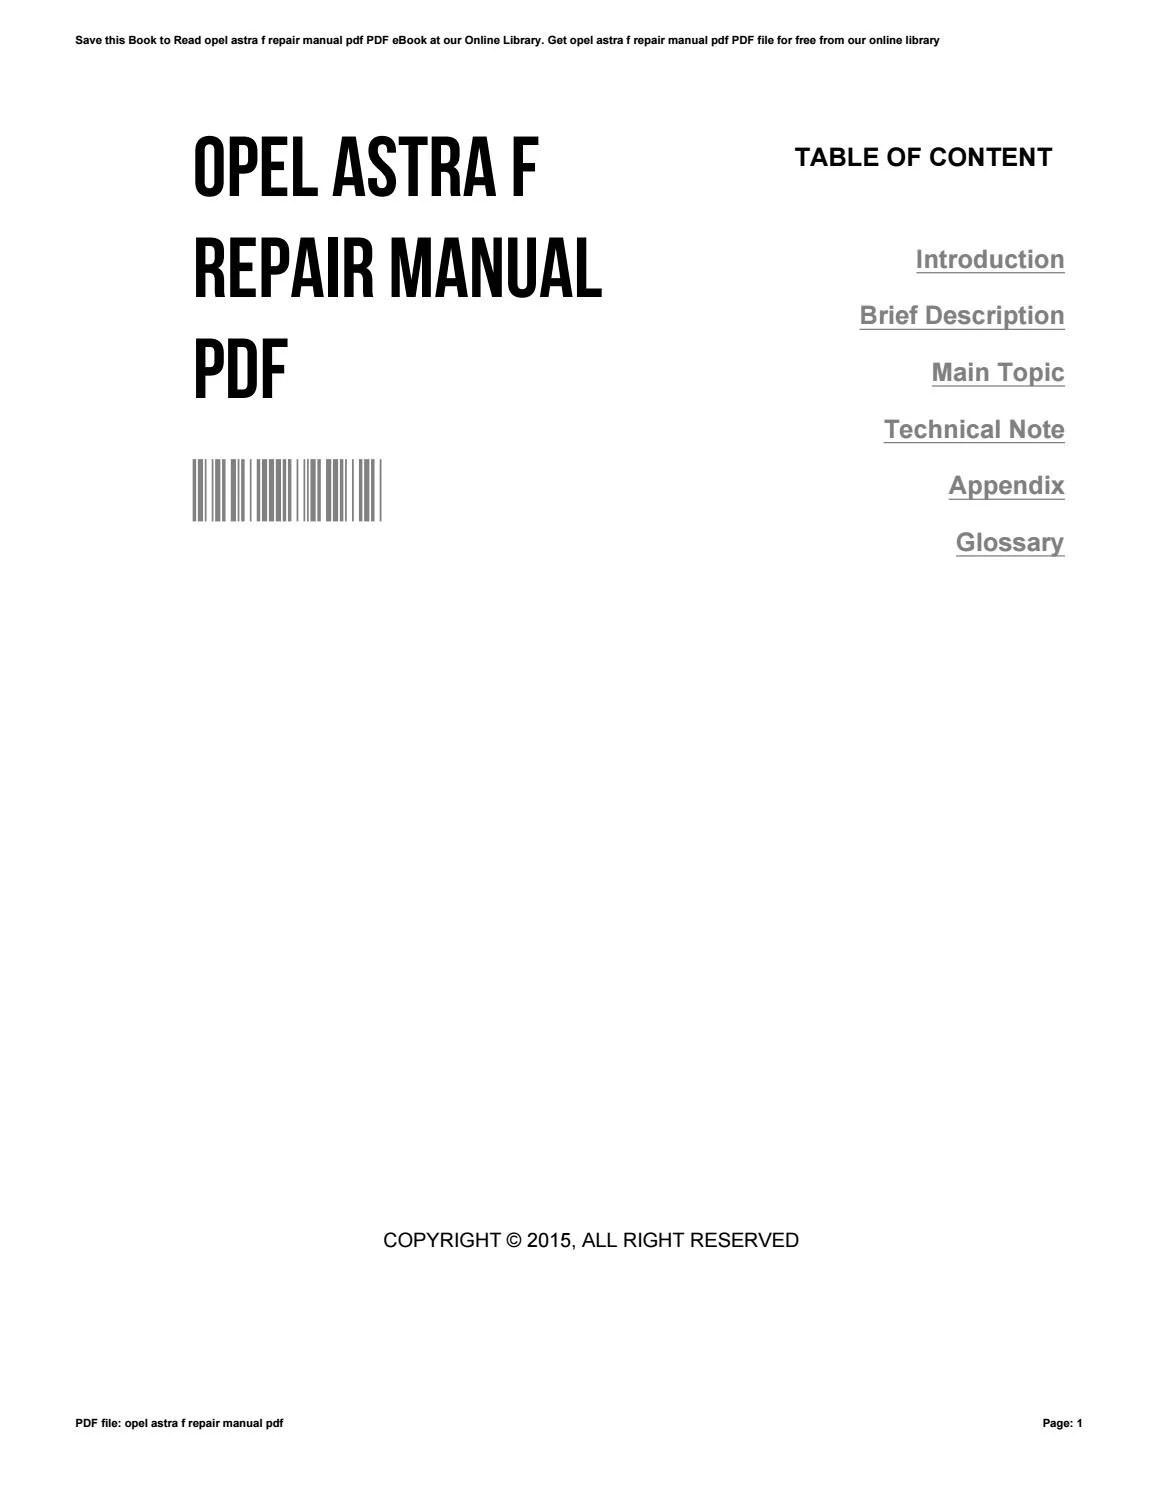 OPEL ASTRA F 1991-1998 Service- en reparatiehandleiding